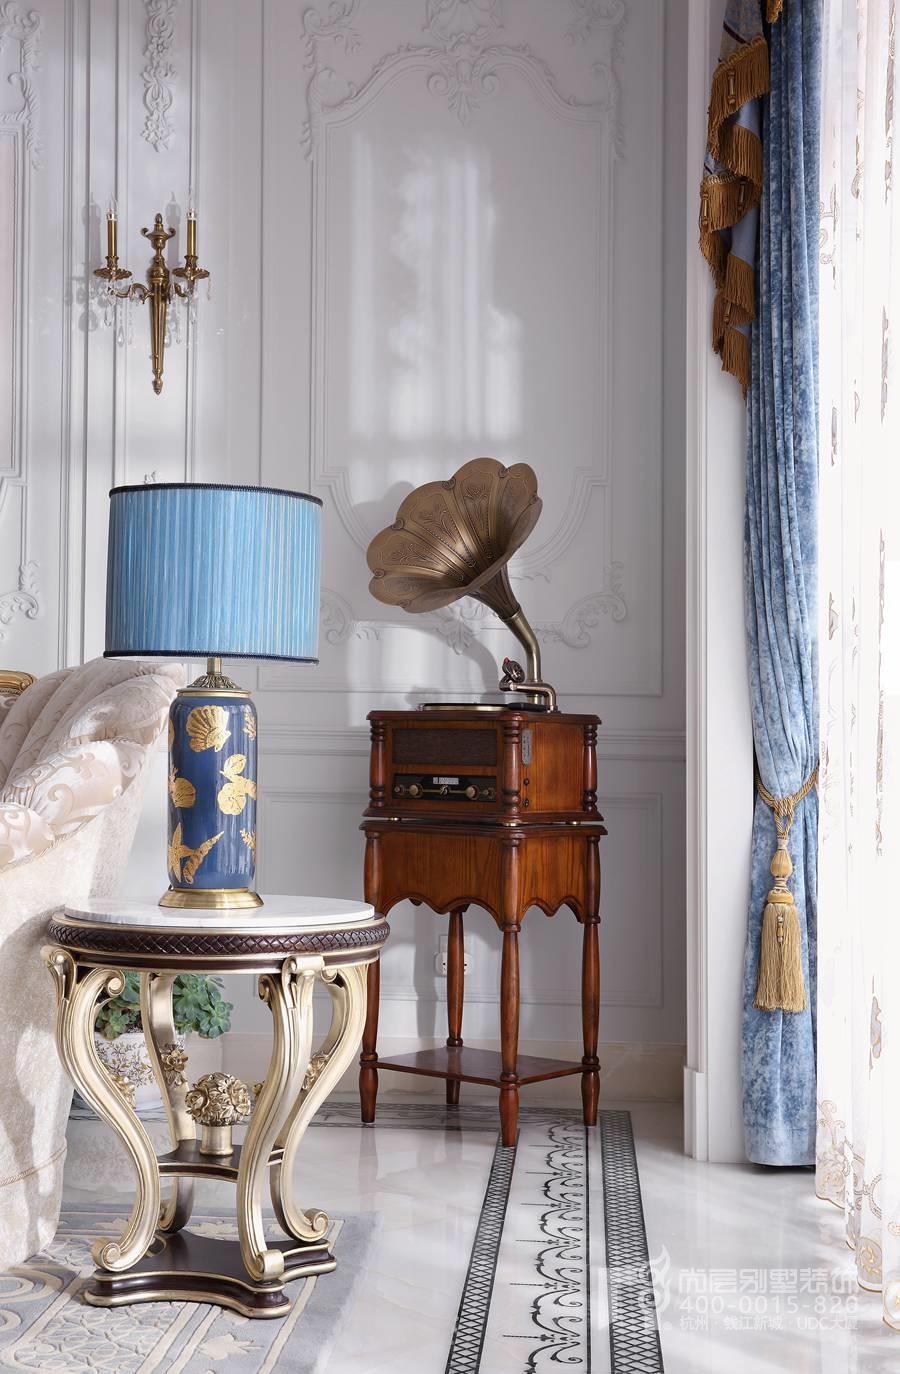 不管是石膏线走向,它们在空间效果上拉伸着客厅的层高,使得客厅显示更显更加丰富。